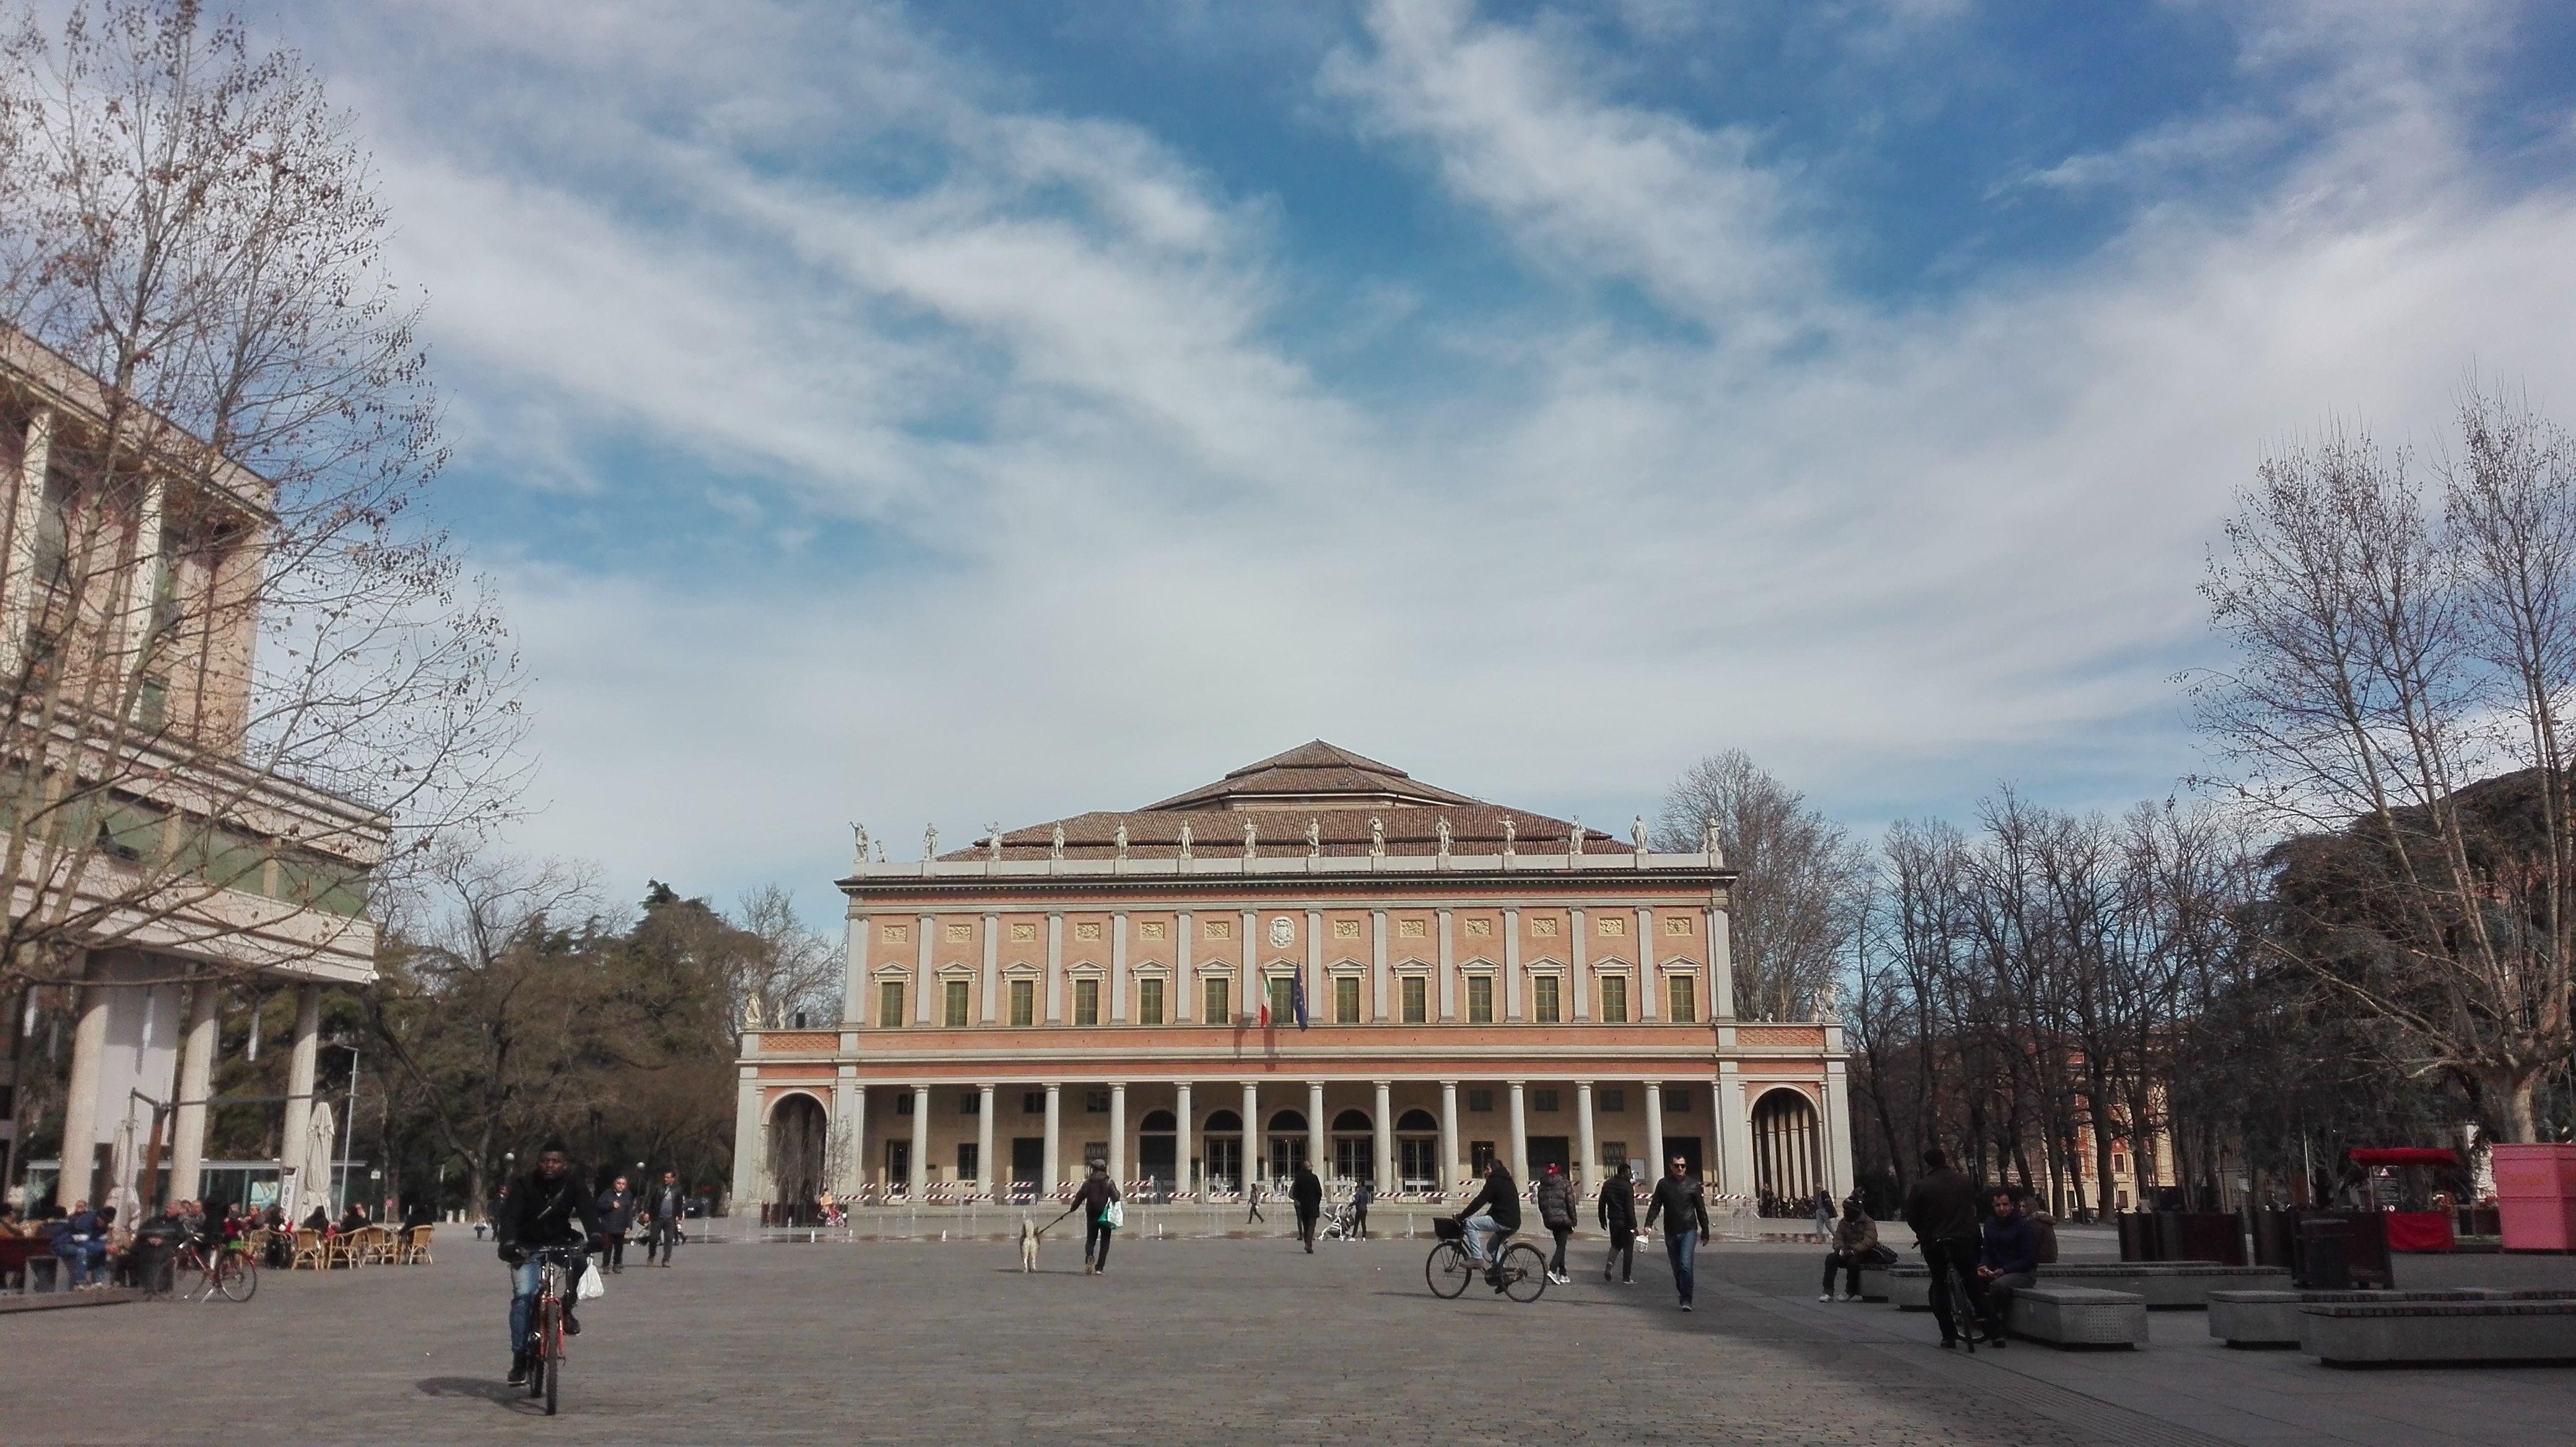 Cosa vedere nella città del tricolore Reggio Emilia